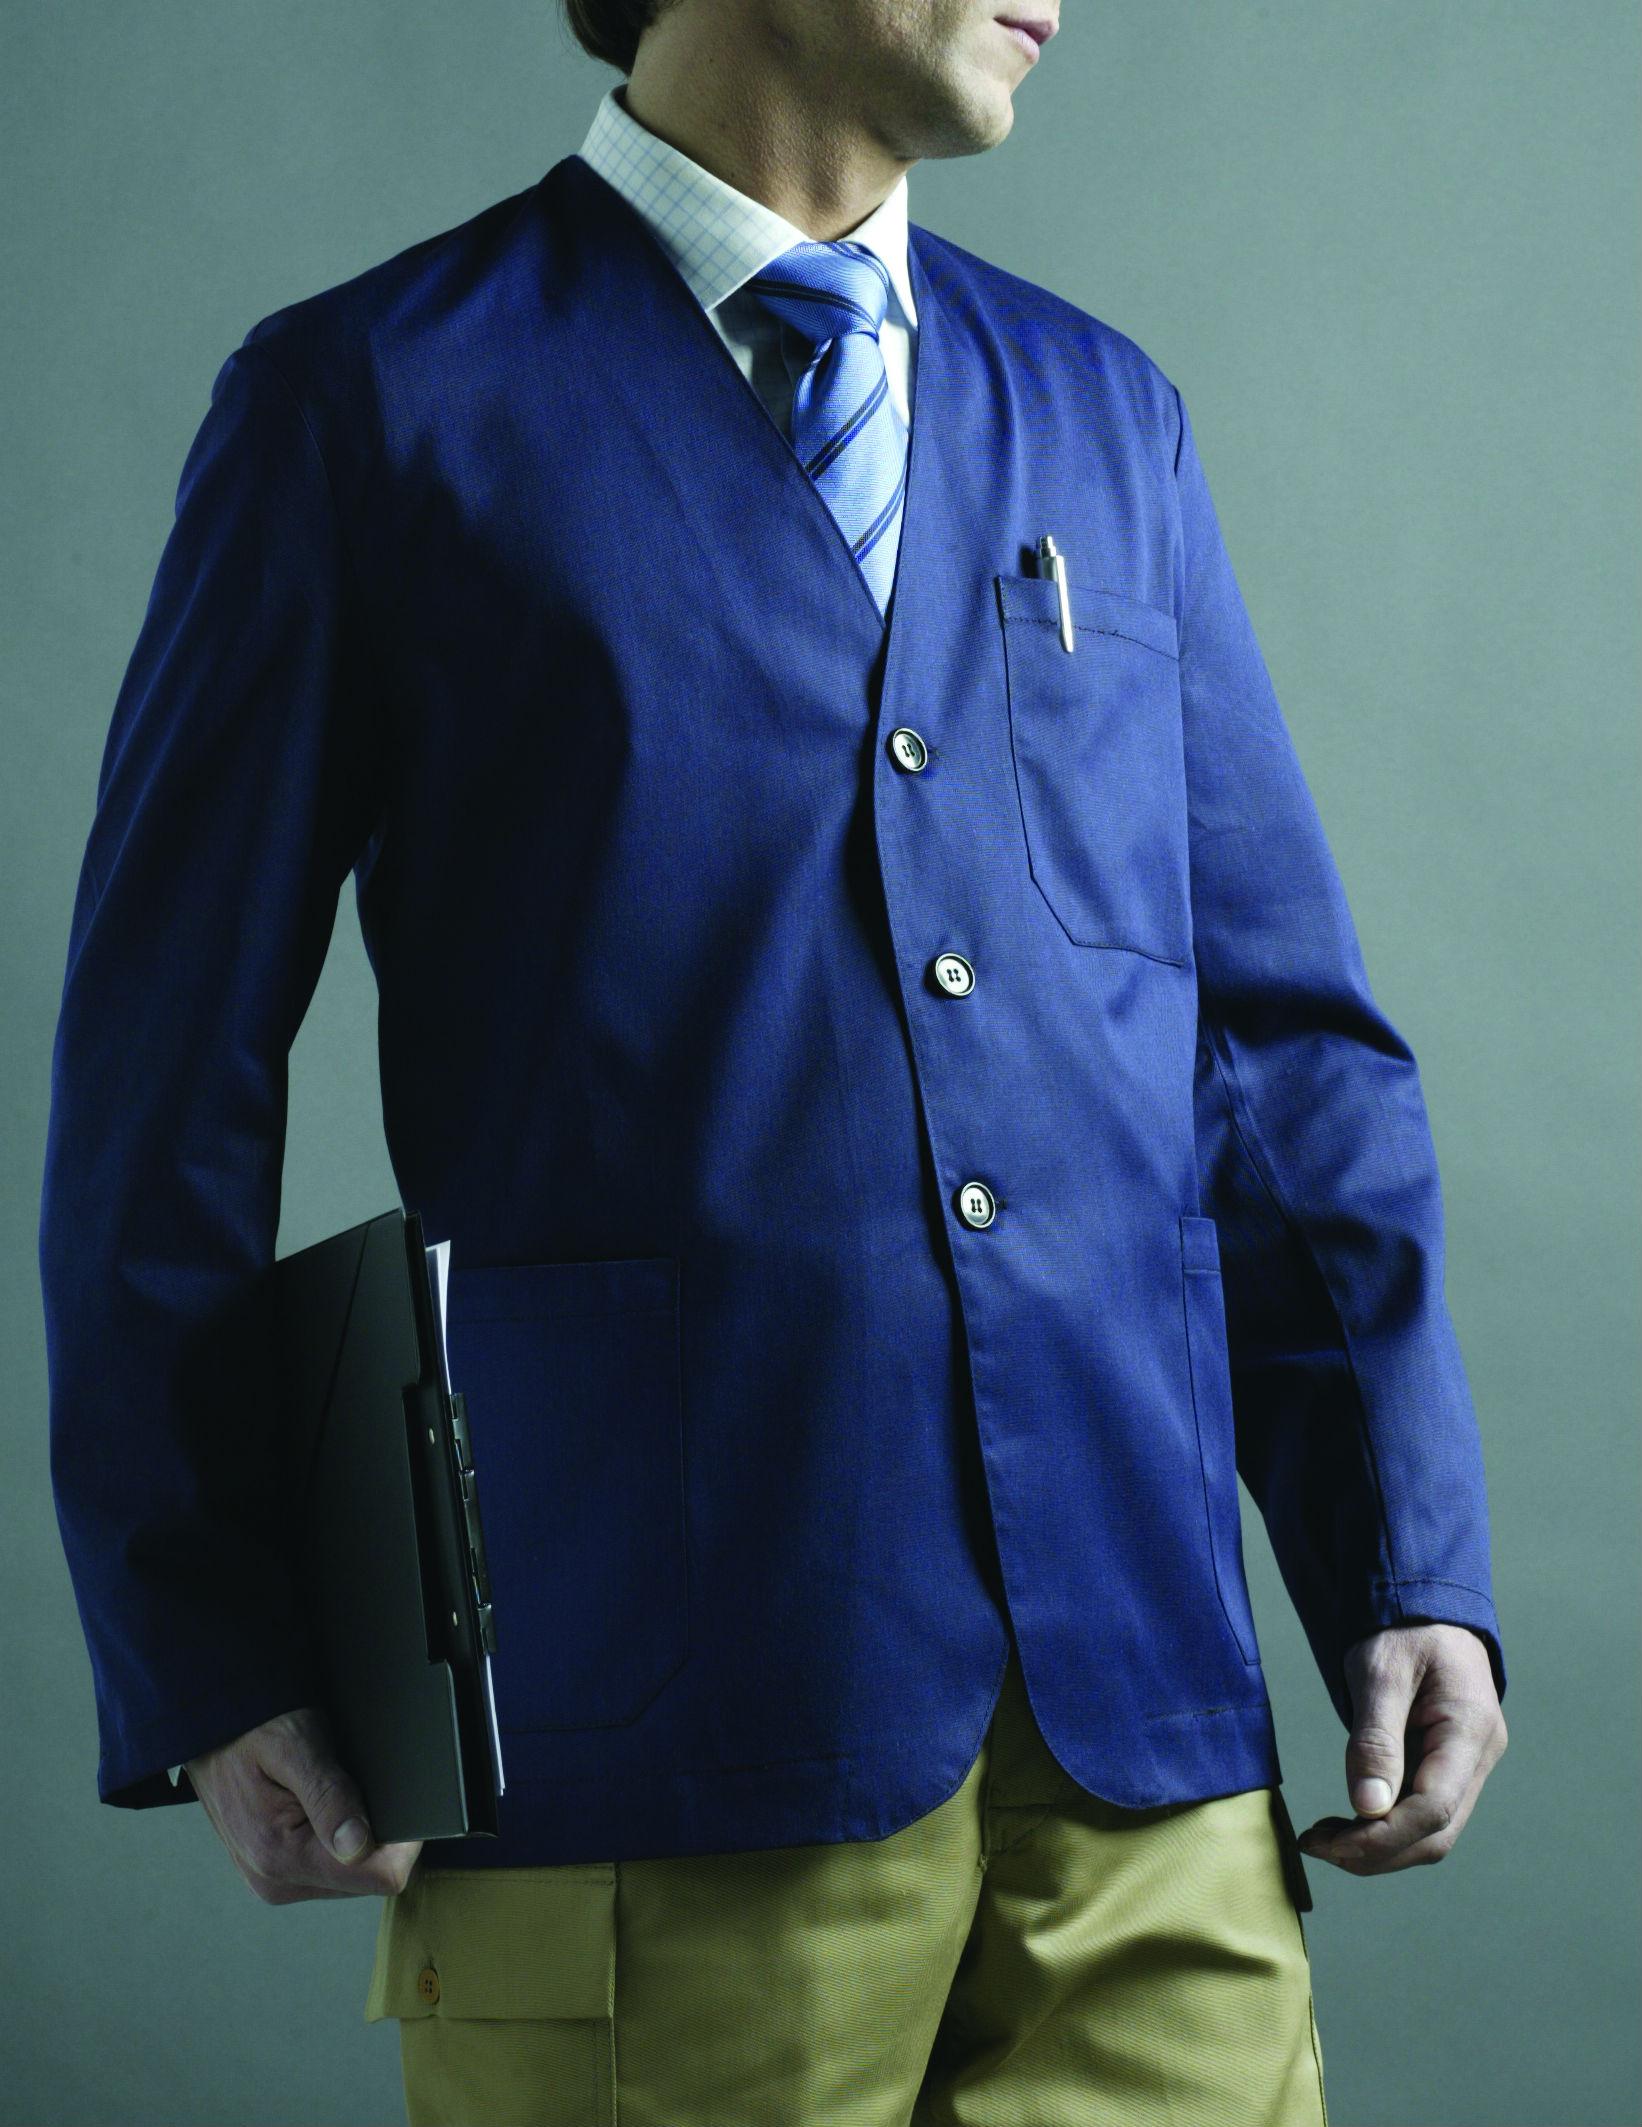 Jacket without lapels Image